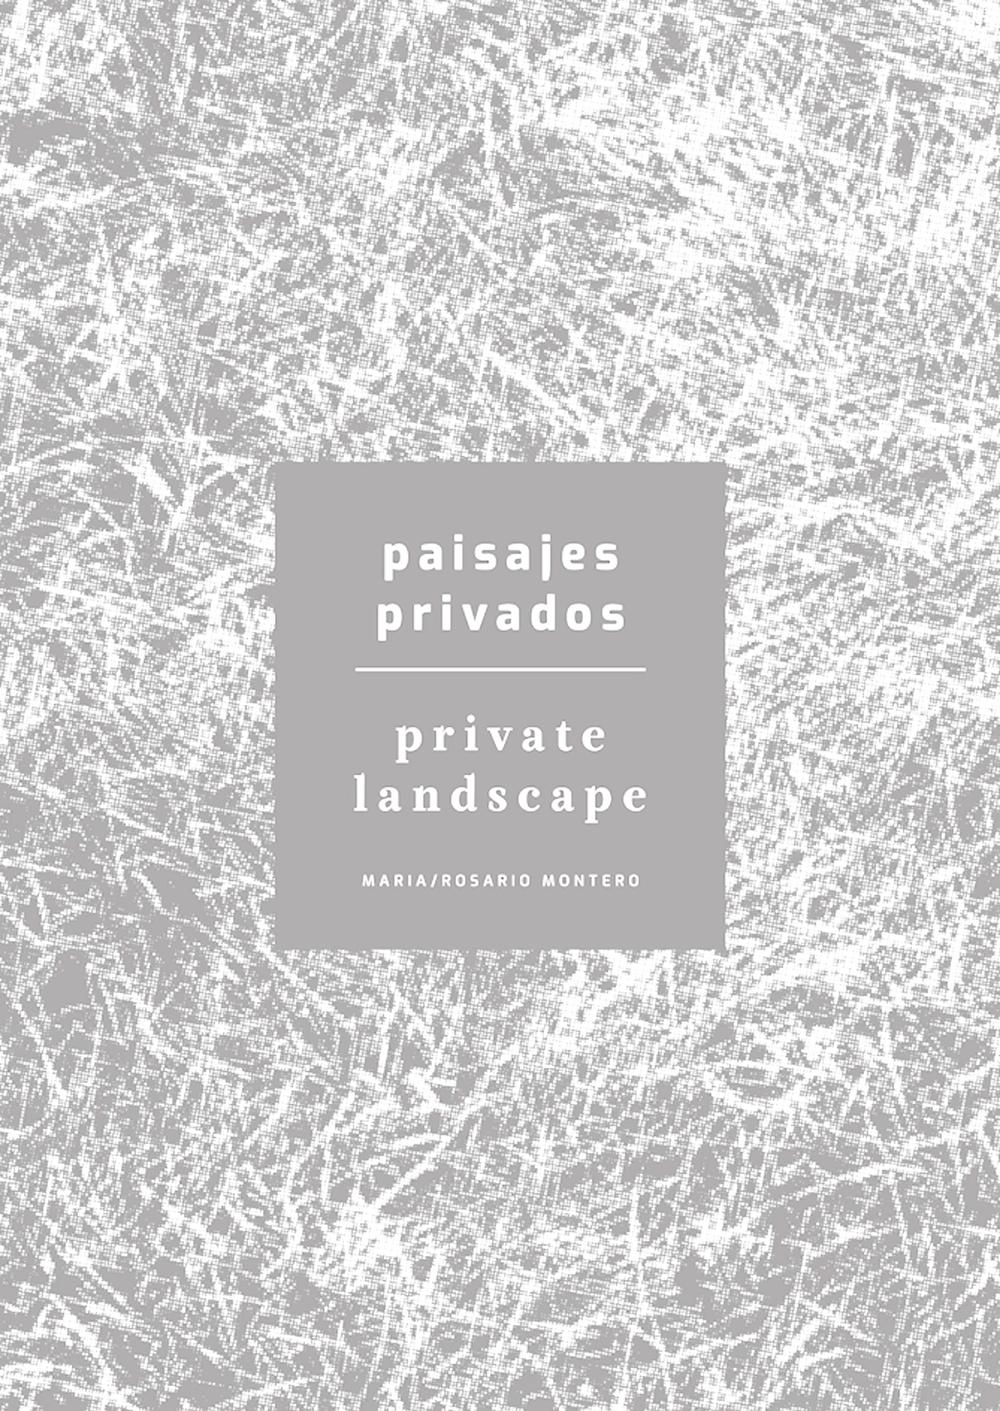 paisajes_privados_Page_01